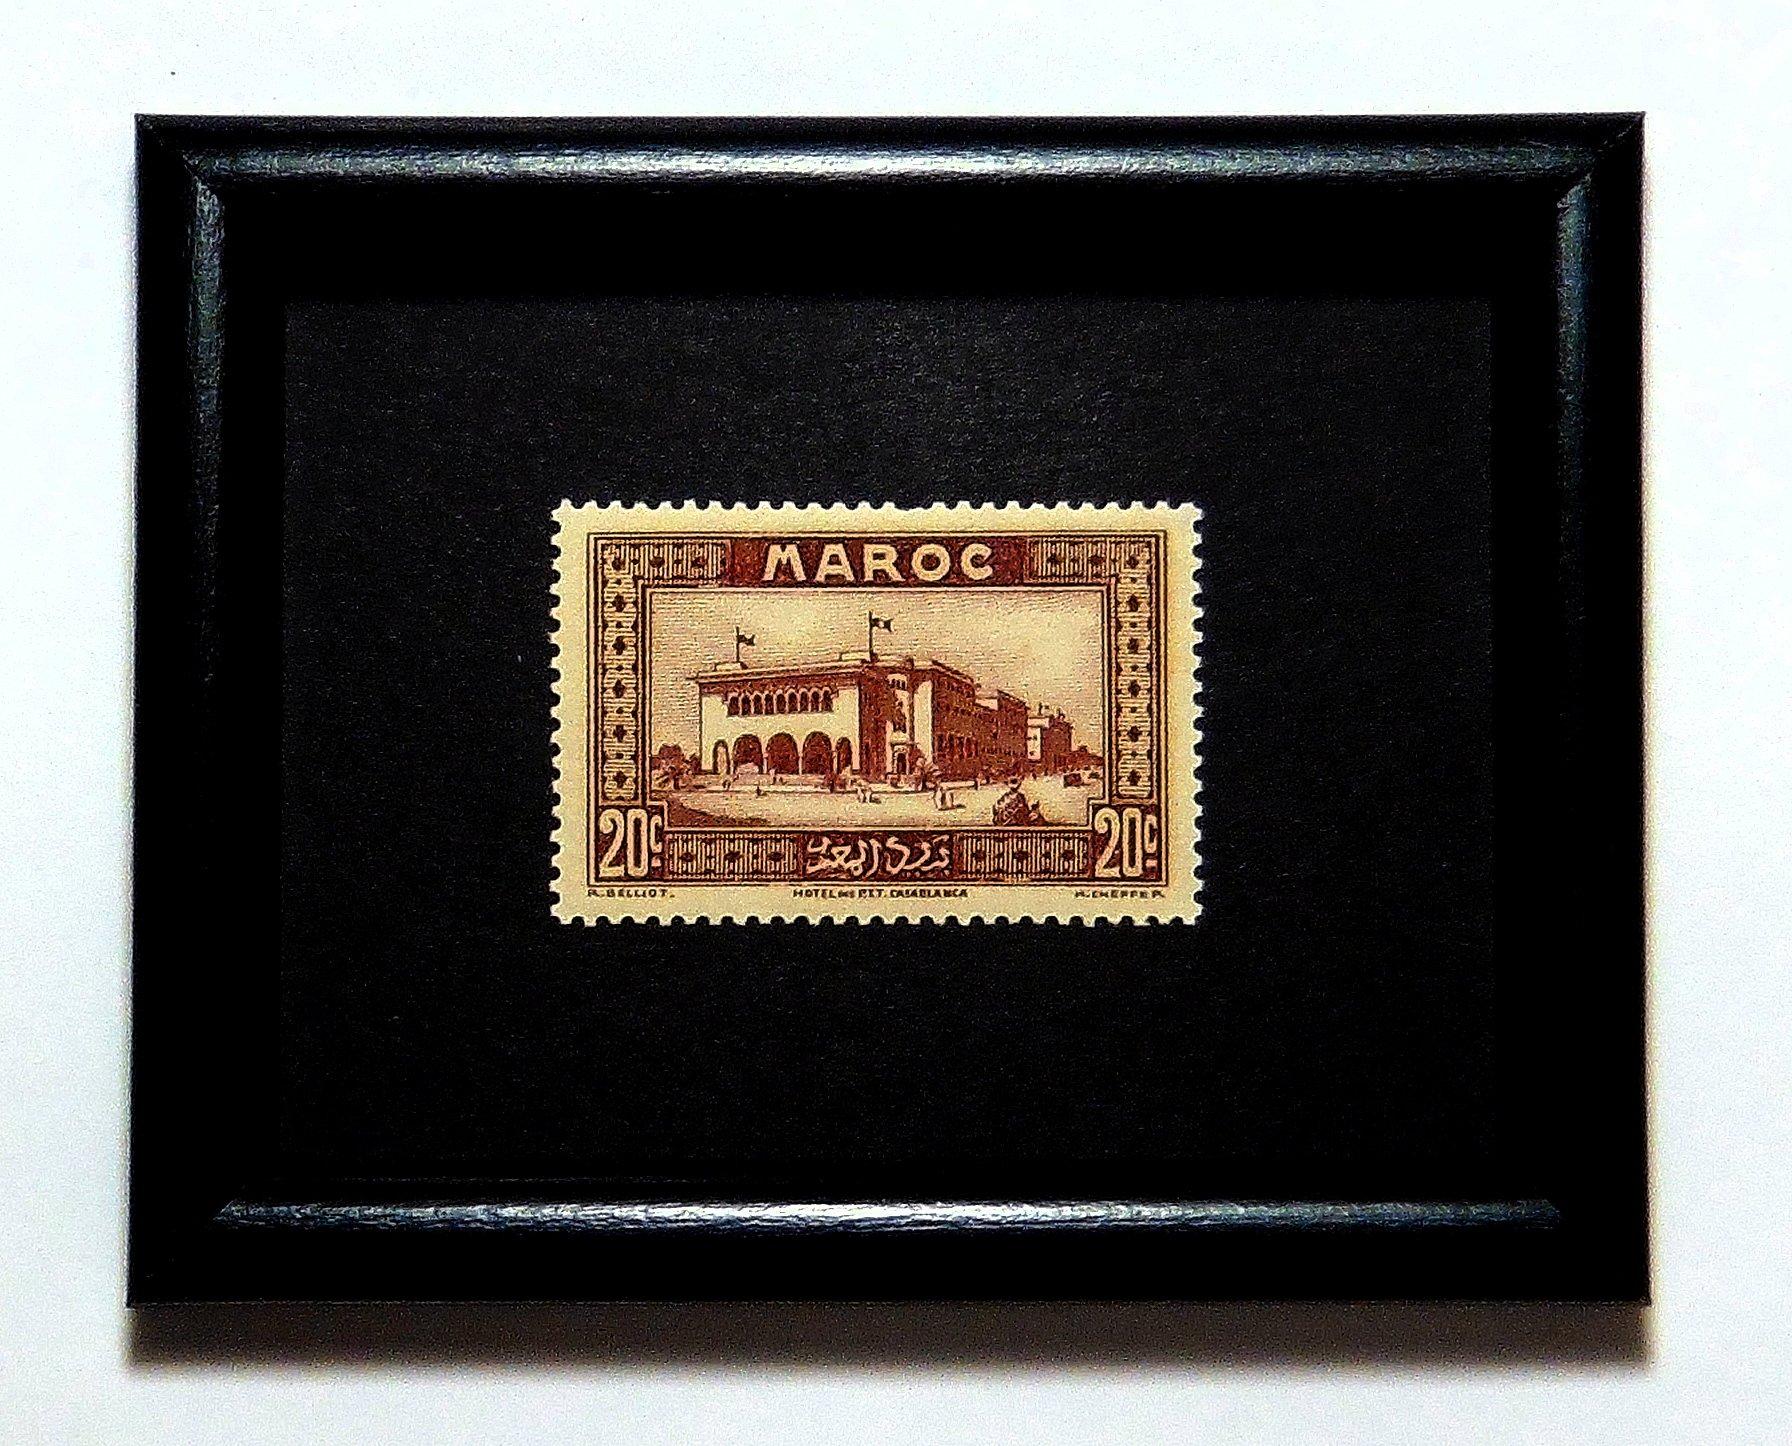 Hotel Casablanca Architectural Maroc -Handmade Framed Postage Stamp Art 20277AM